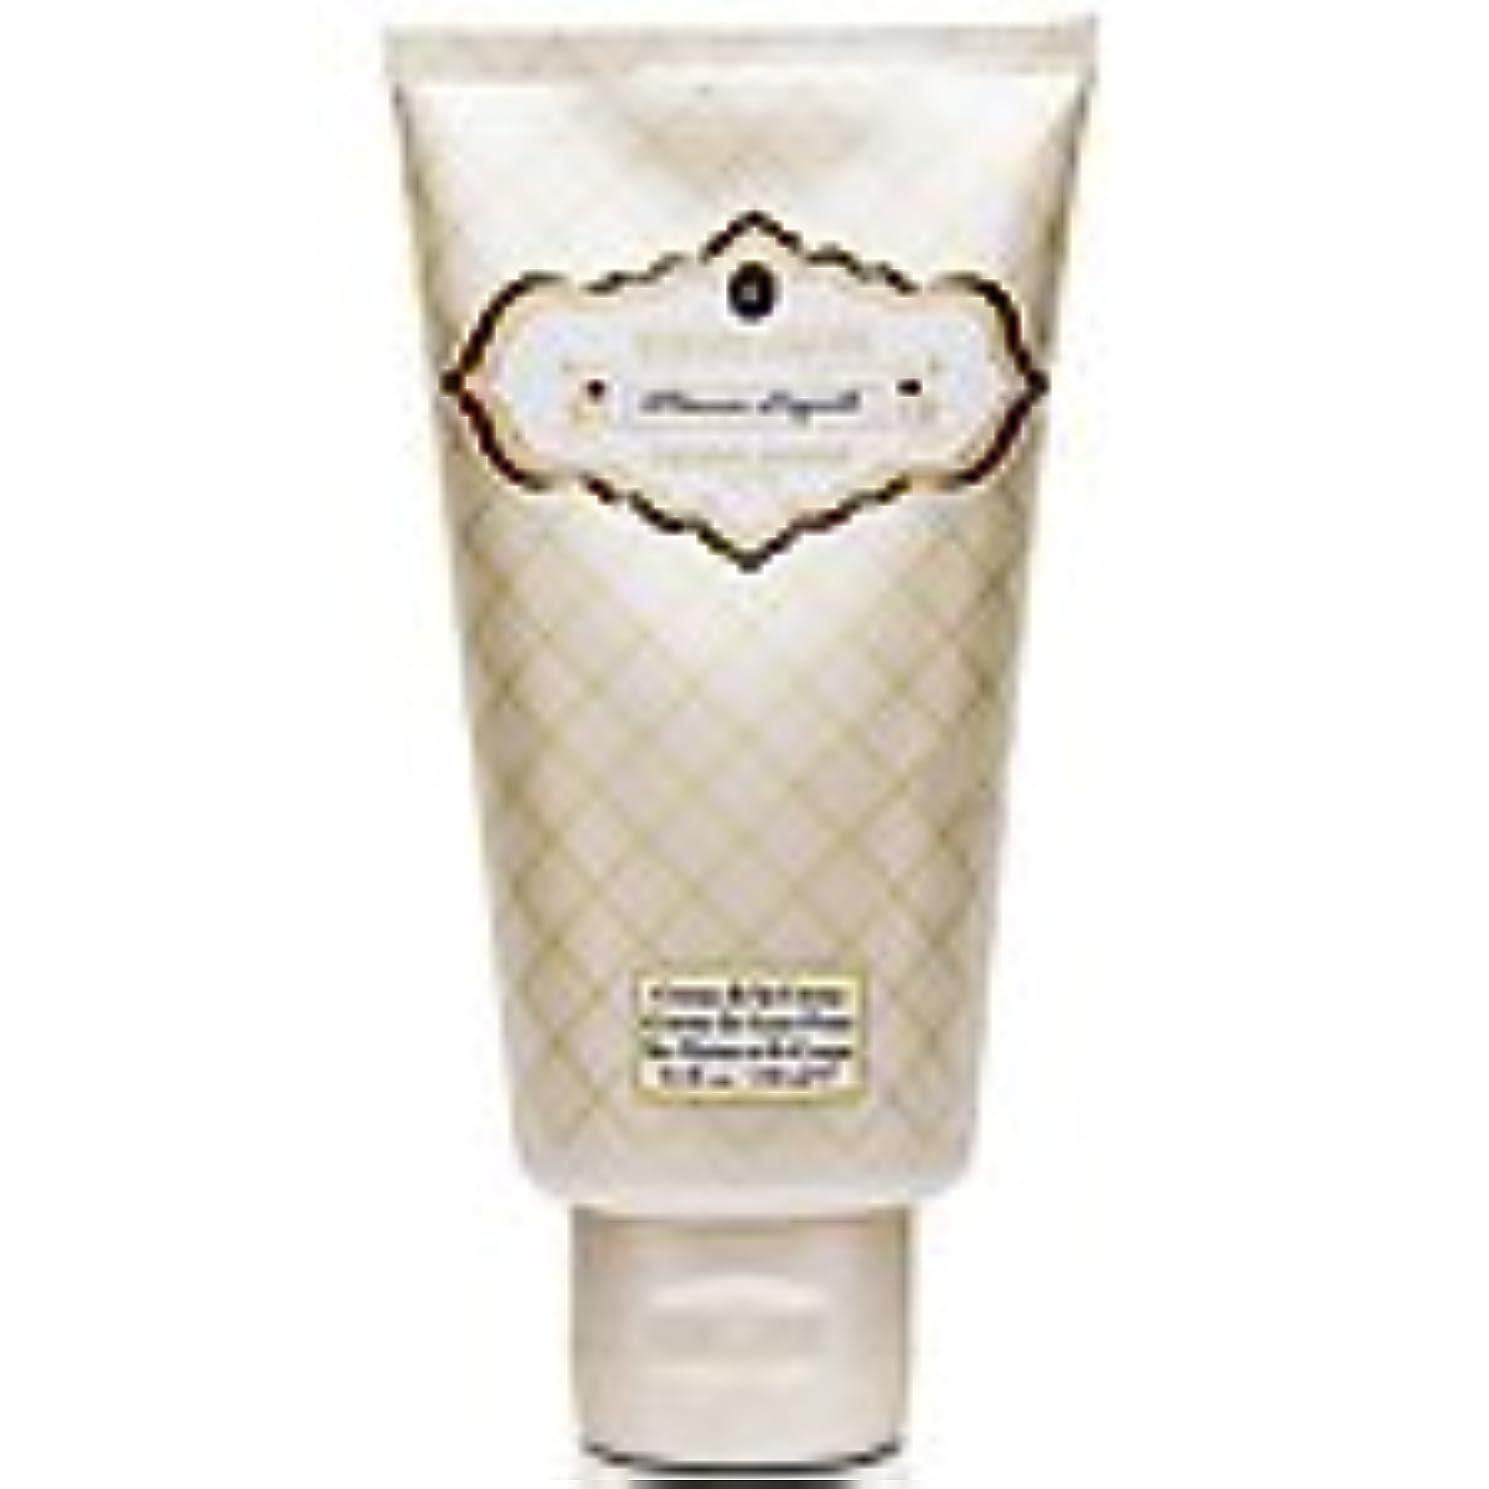 押し下げるマーティンルーサーキングジュニア健康Memoire Liquide Reserve - Vacances Liquide (メモワールリキッドリザーブ - バカンスリキッド) 5.1 oz oz (153ml) Body Cream for Unisex